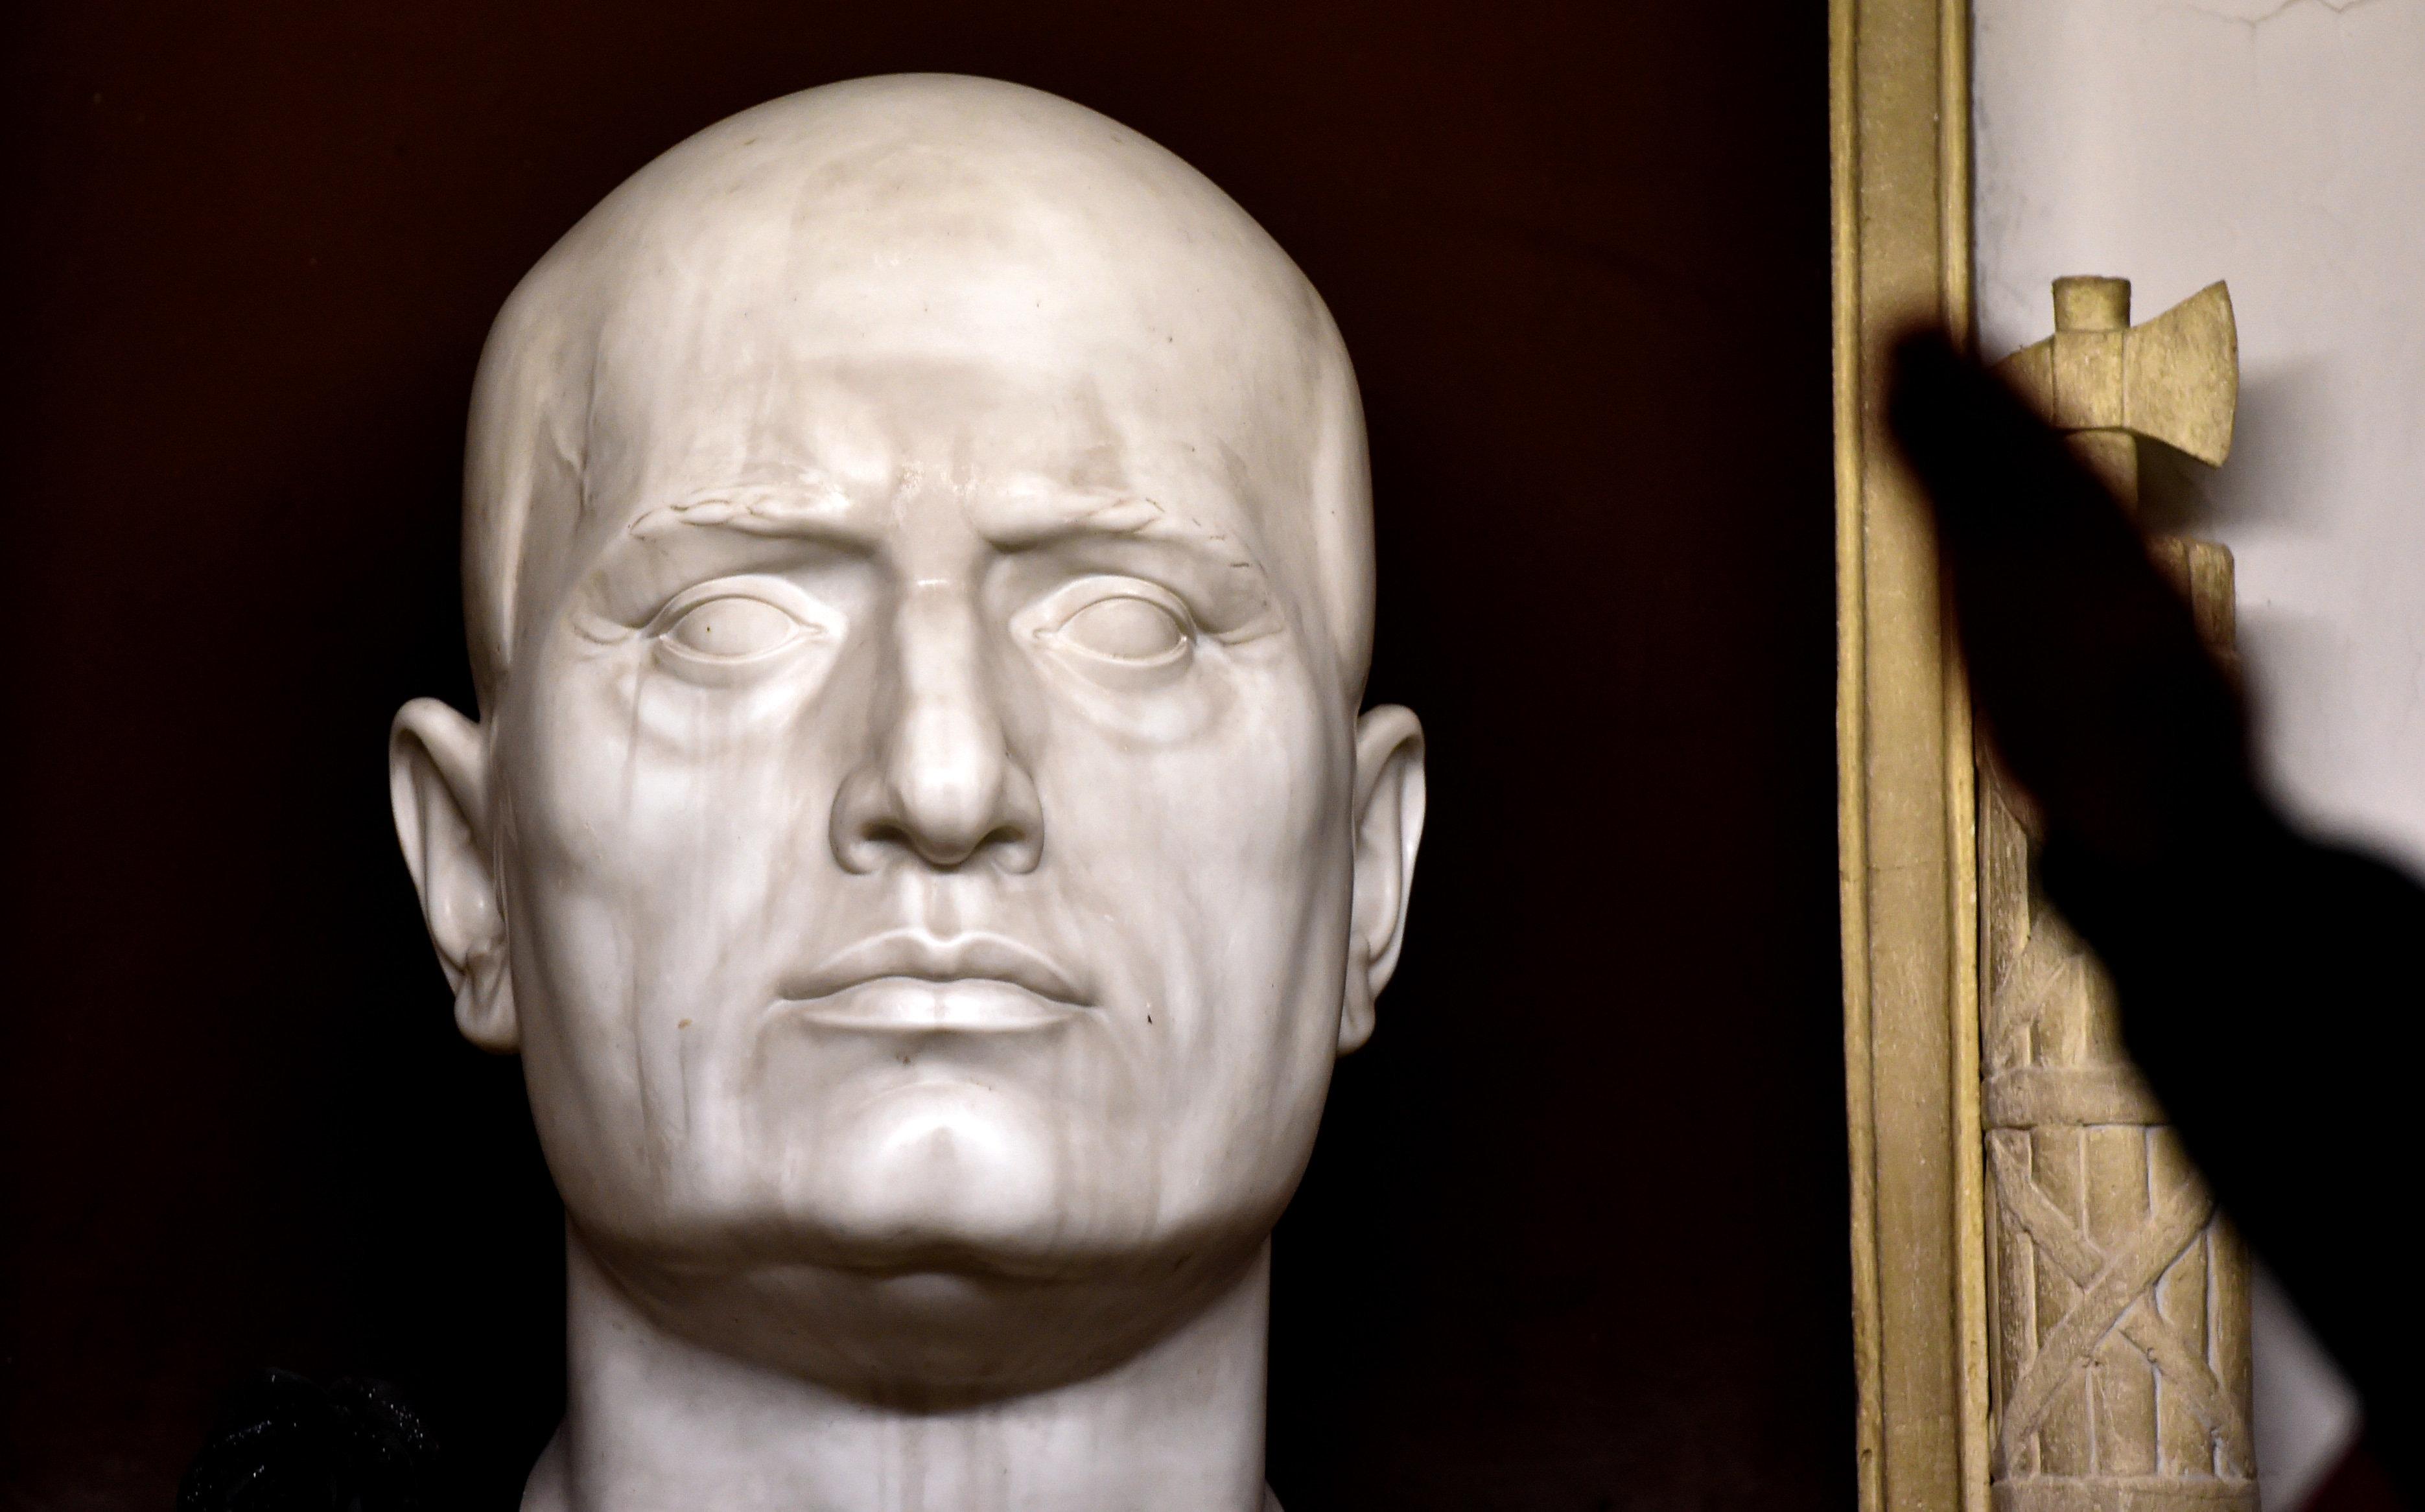 Μια μικρή ιταλική πόλη διδάσκει τον κόσμο πώς να χειριστεί αμφιλεγόμενα μνημεία του